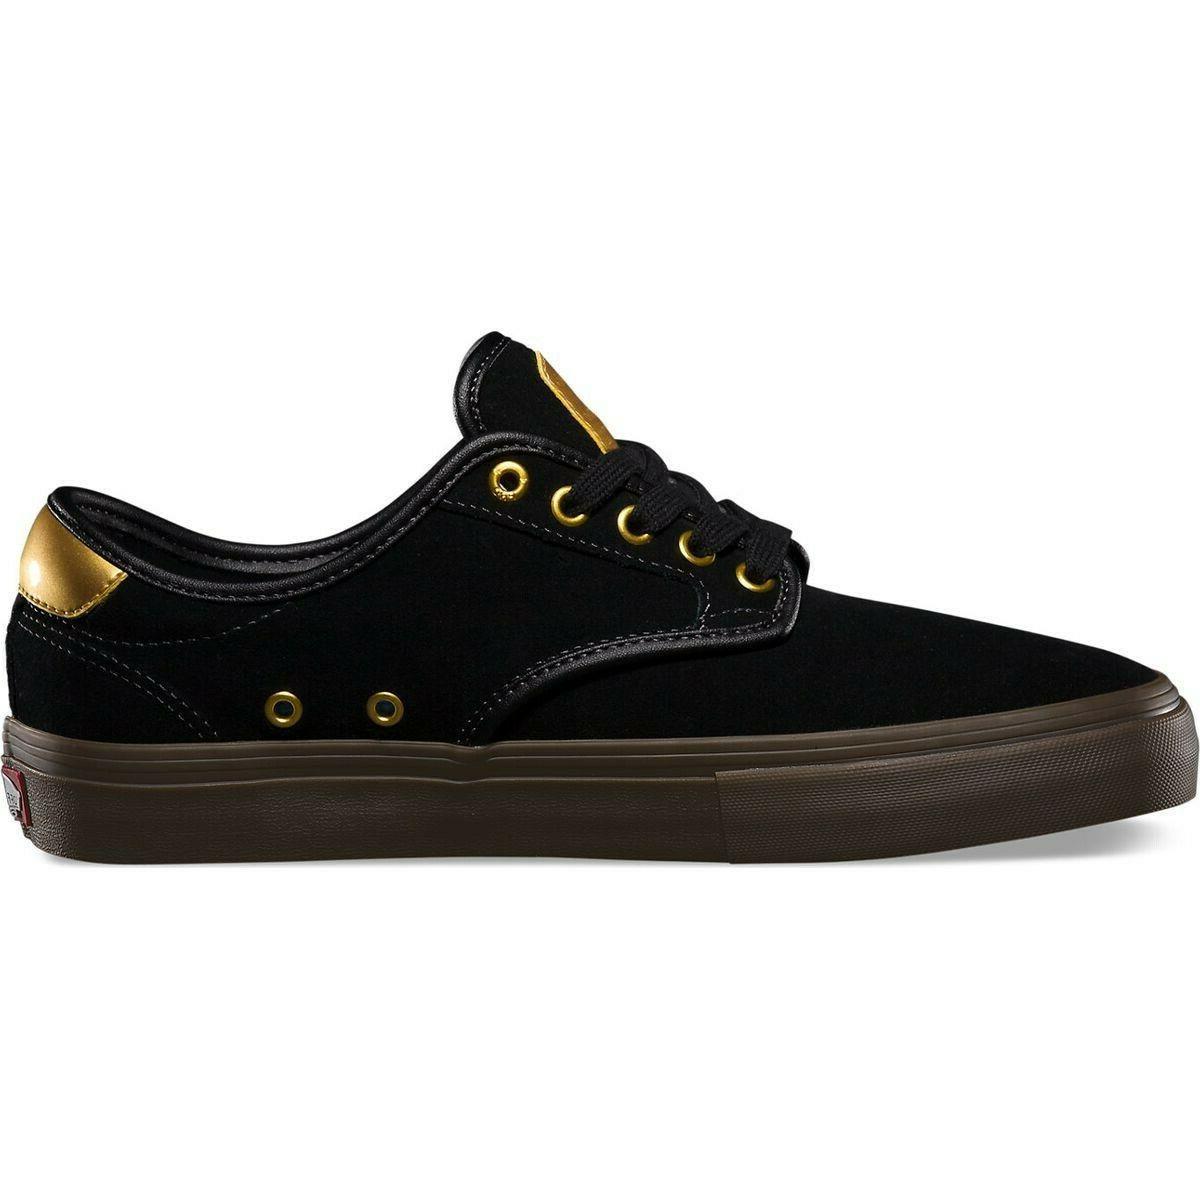 Vans CHIMA PRO Mens Shoes GUM